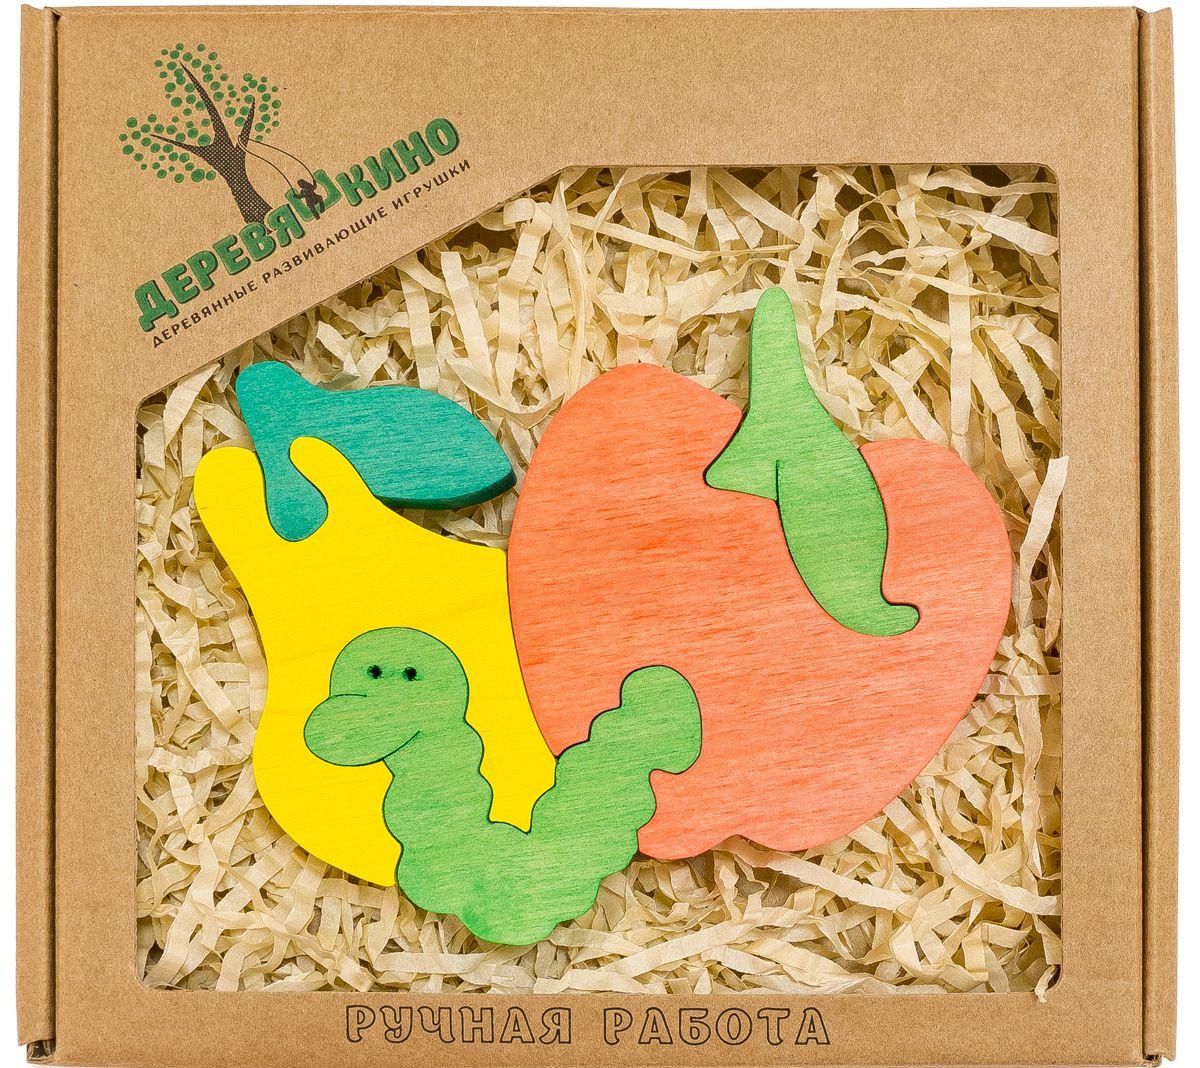 Деревяшкино Пазл для малышей Червячок и фрукты нескучный кубик пазл для малышей фрукты